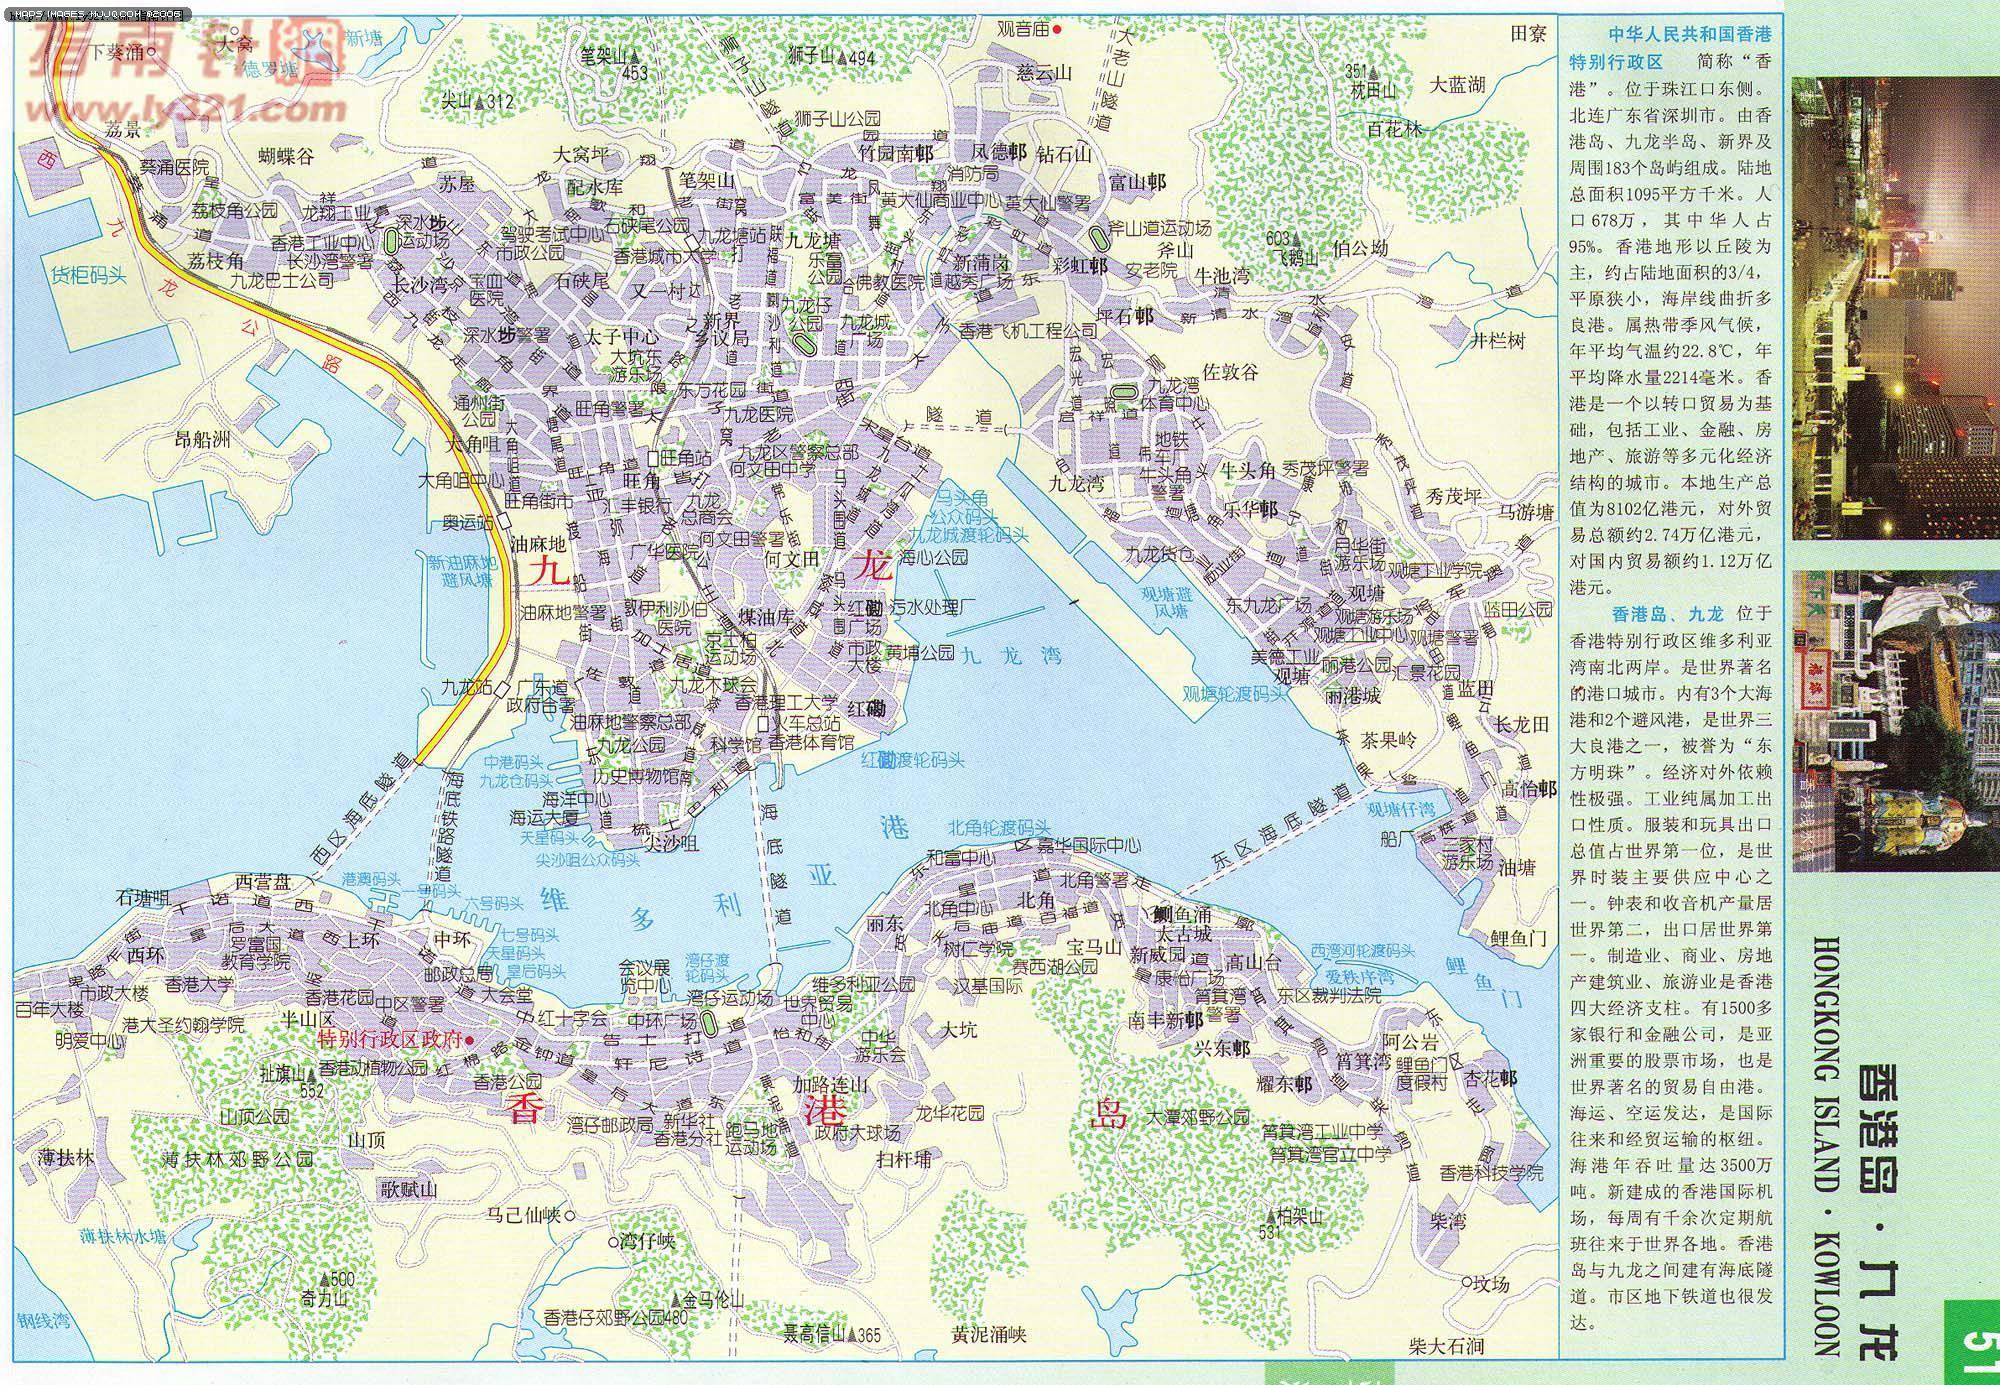 香港地圖 - 香港地圖 Hongkong Map - 美景旅遊網